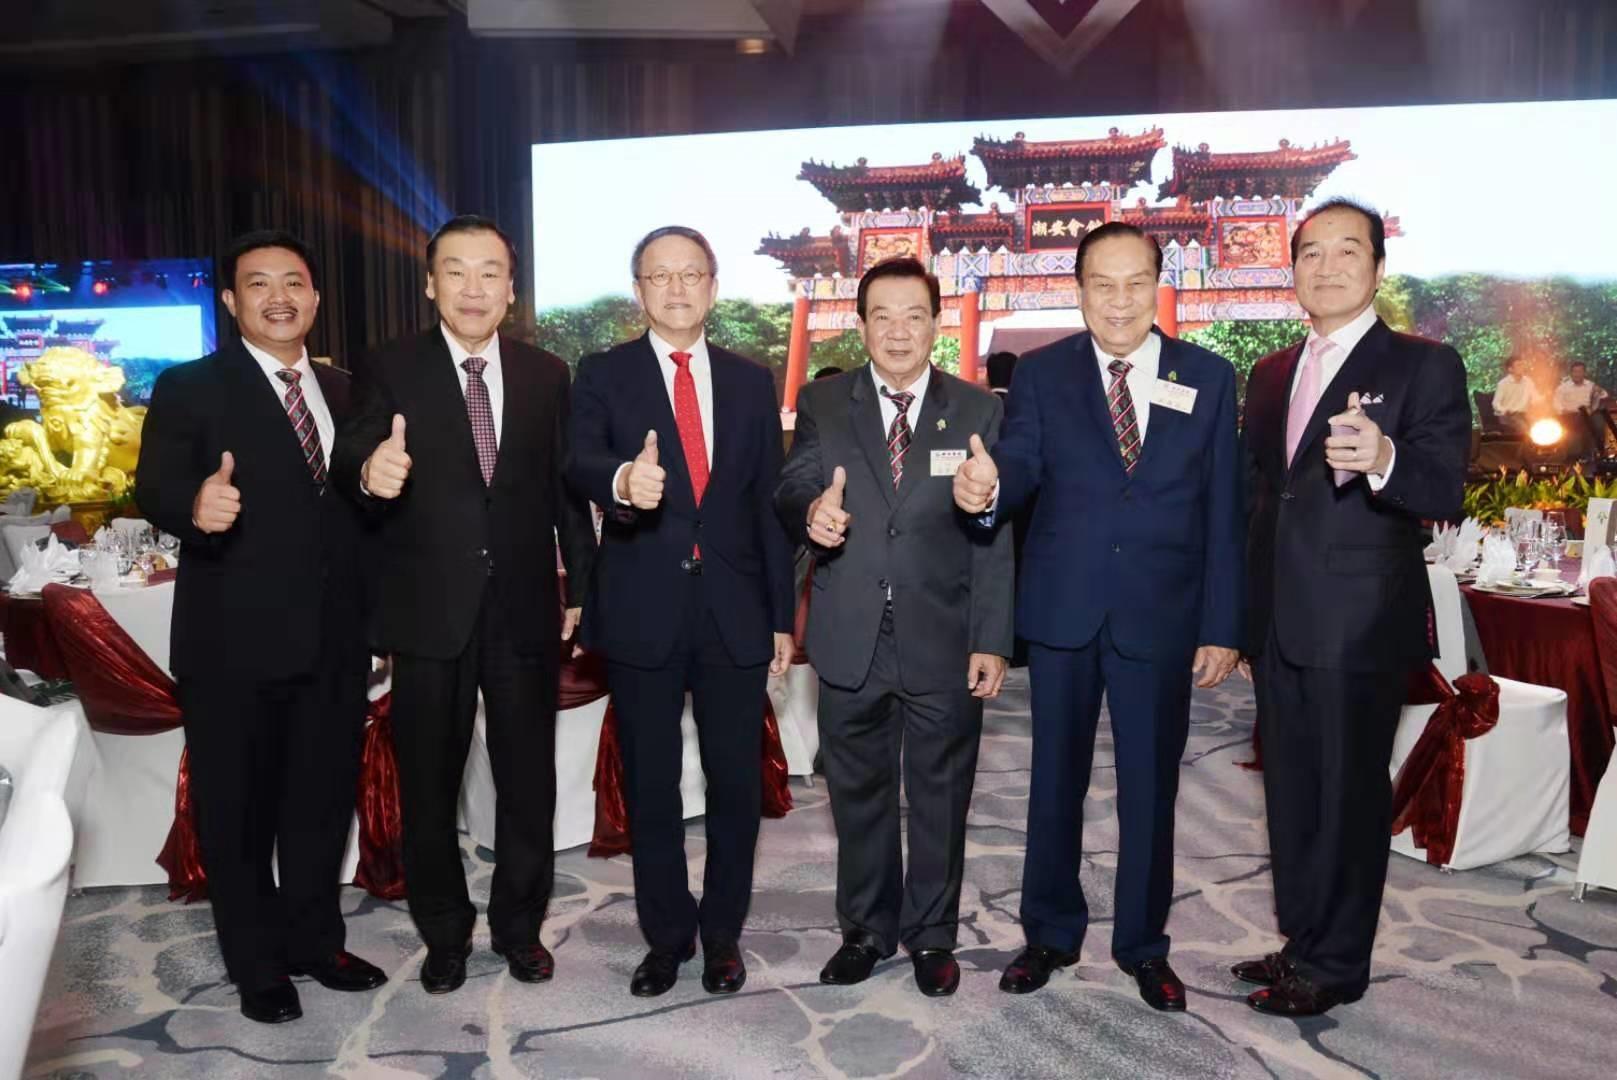 林宣亮會長(左三)出席新加坡潮安會館55週年慶典(JPG)